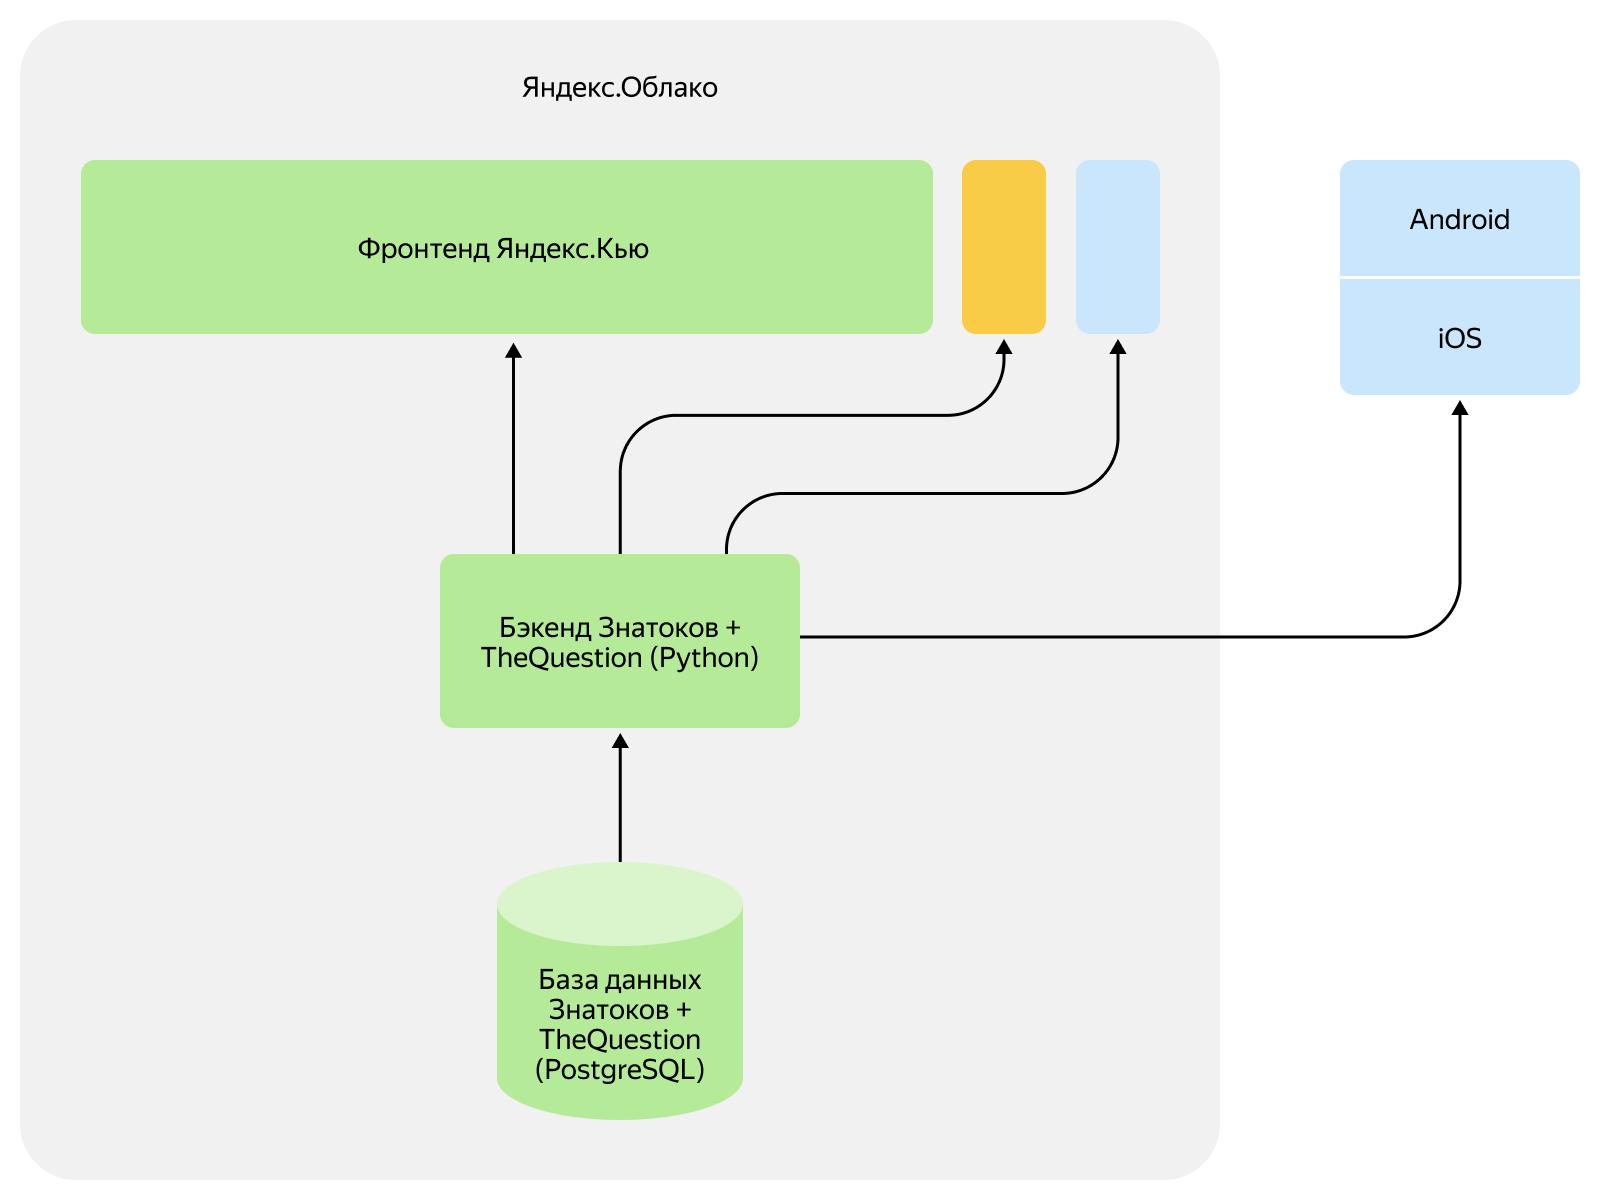 Как объединить две платформы в одну и не обидеть пользователей. Опыт разработчиков Яндекс.Кью - 6